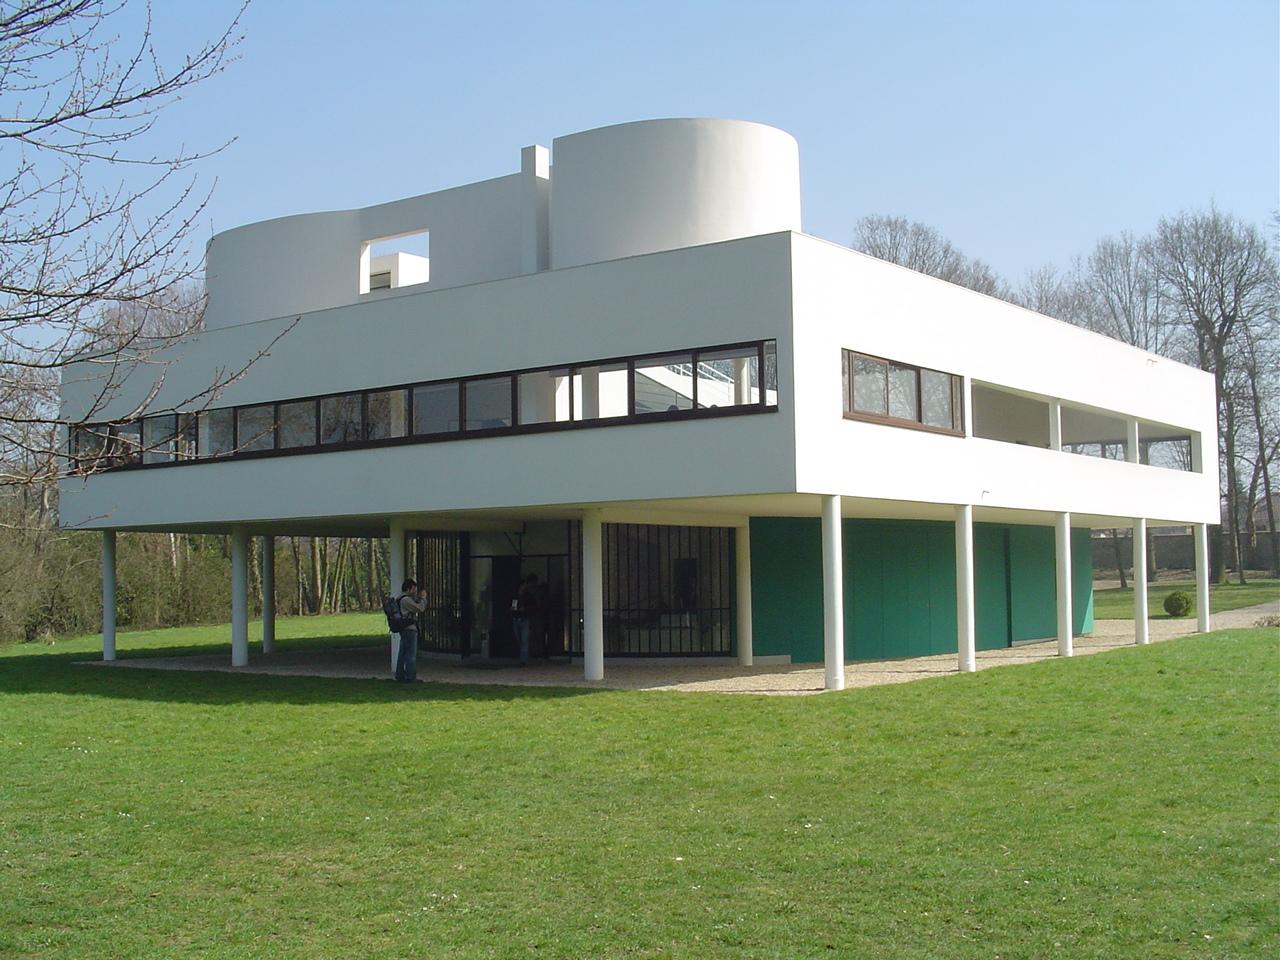 5 pontos da arquitetura moderna de le corbusier caracter sticas e uso - Le corbusier casas ...